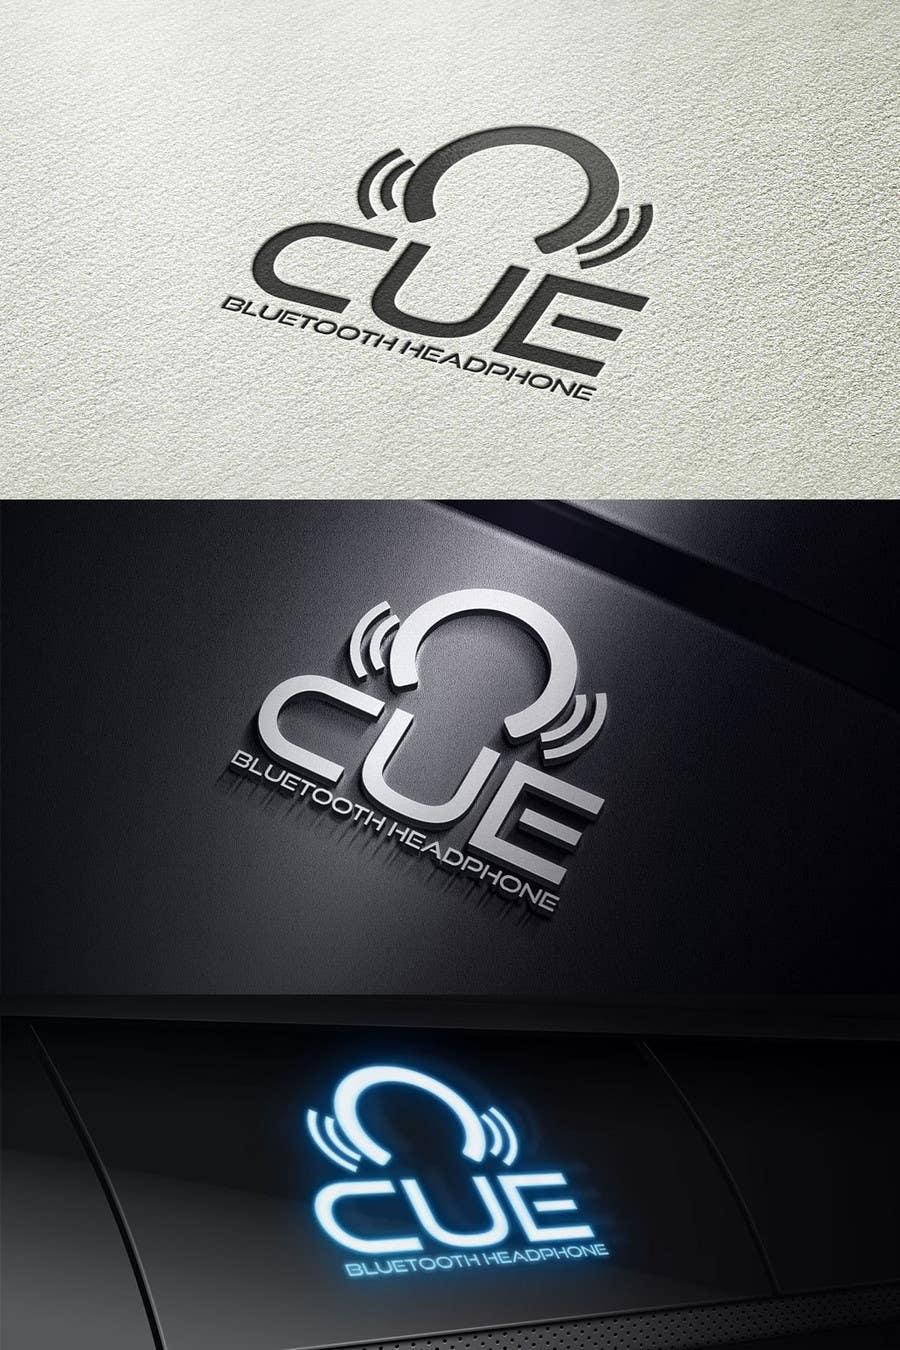 Bài tham dự cuộc thi #83 cho Design a Logo for a bluetooth headphone